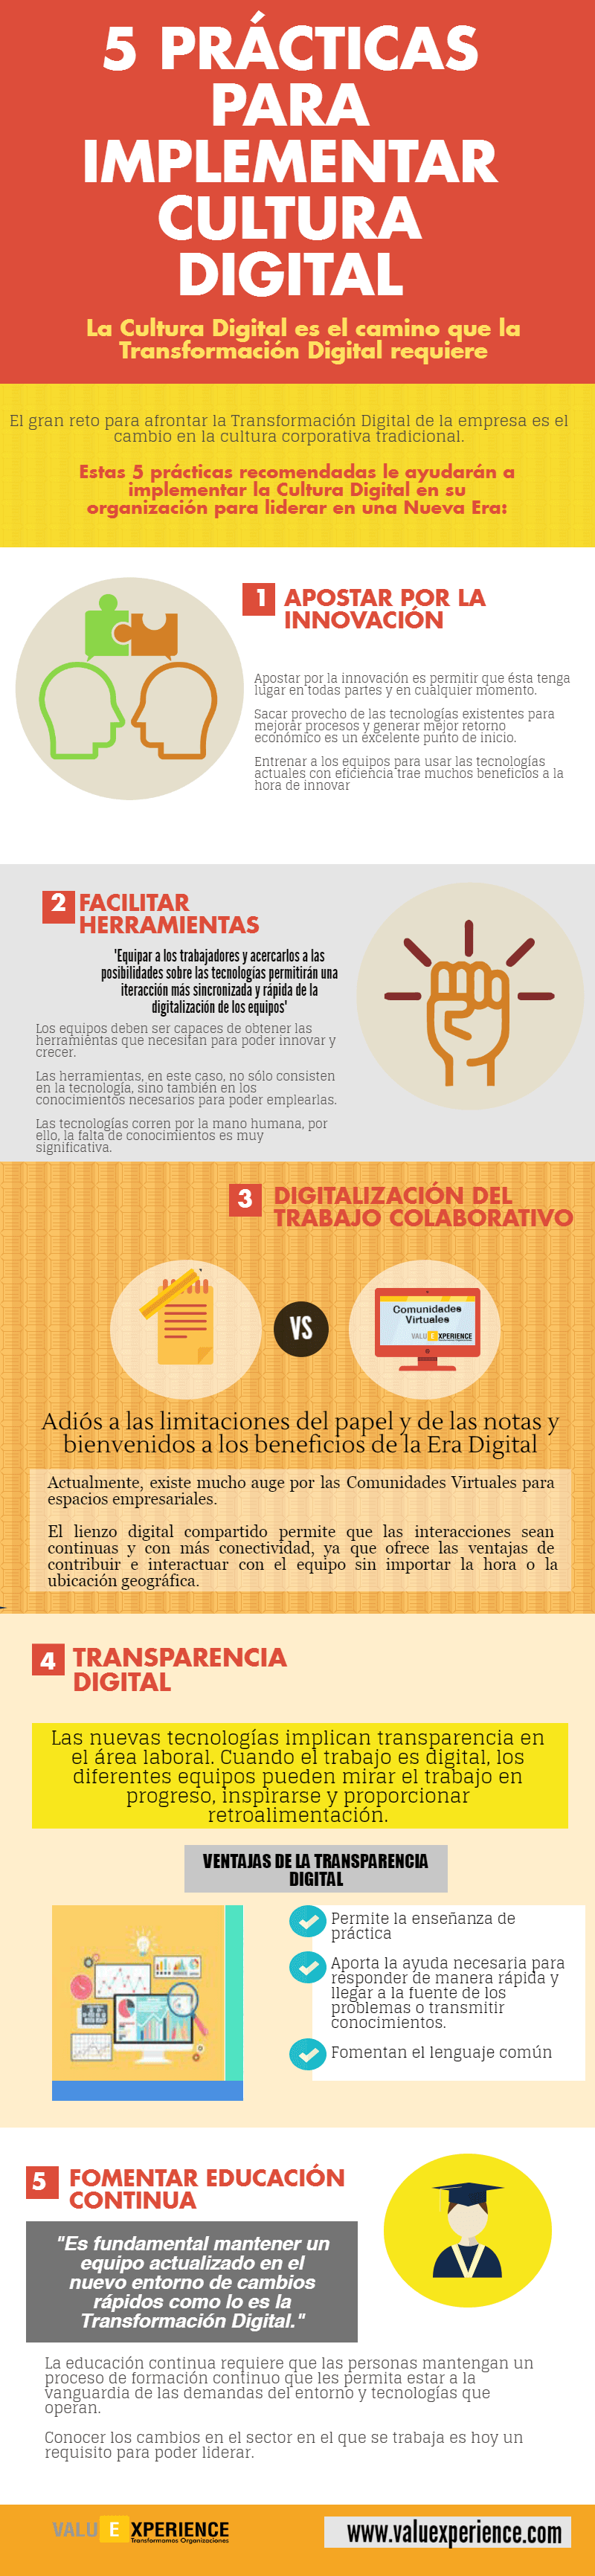 5 prácticas para implementar una cultura digital